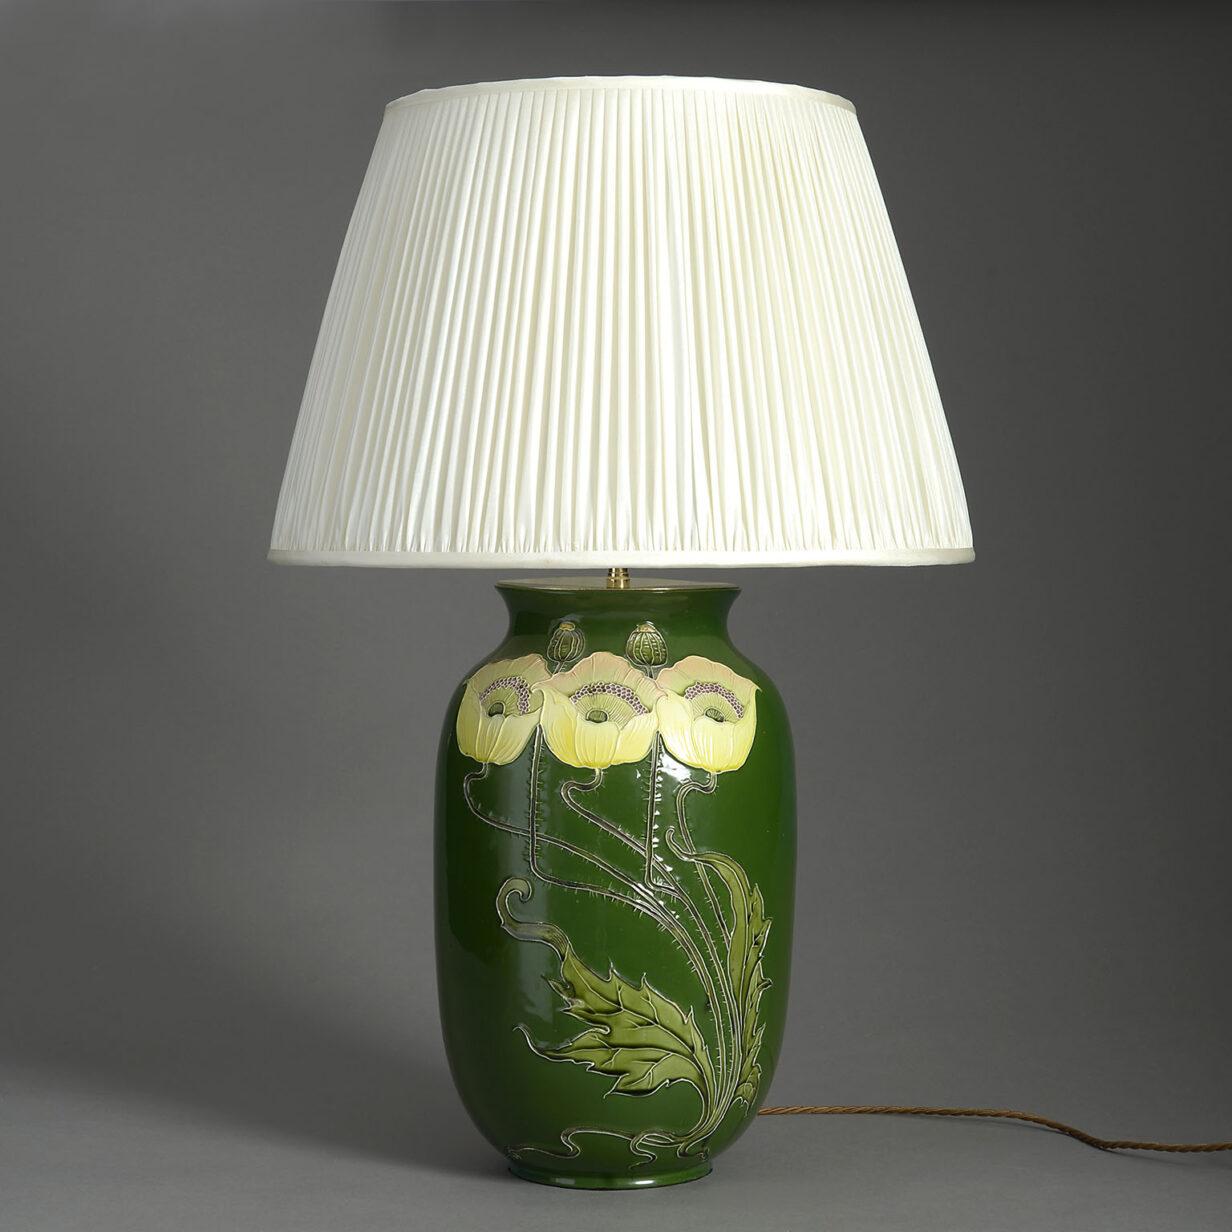 Art Nouveau Vase Lamp